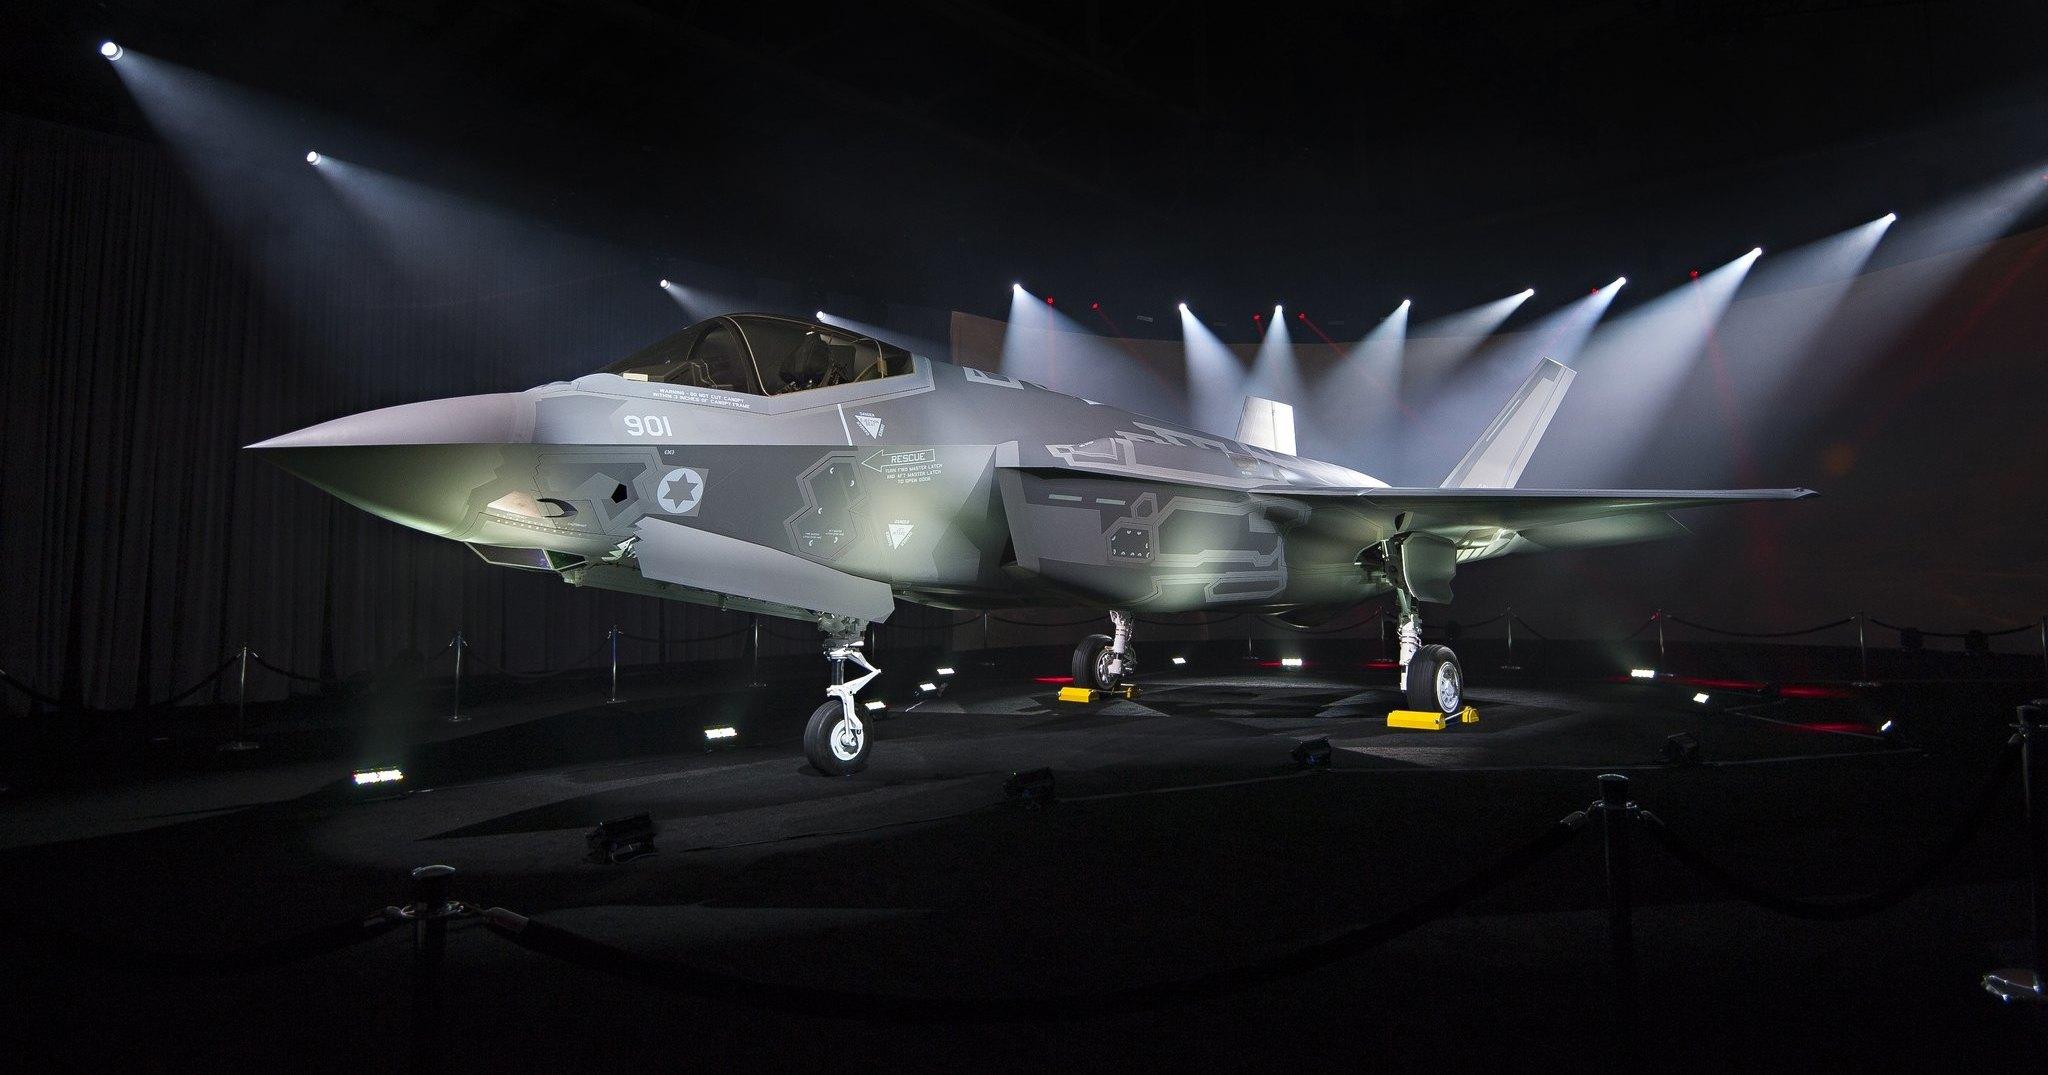 Истребители F-35 утратили невидимость для радаров